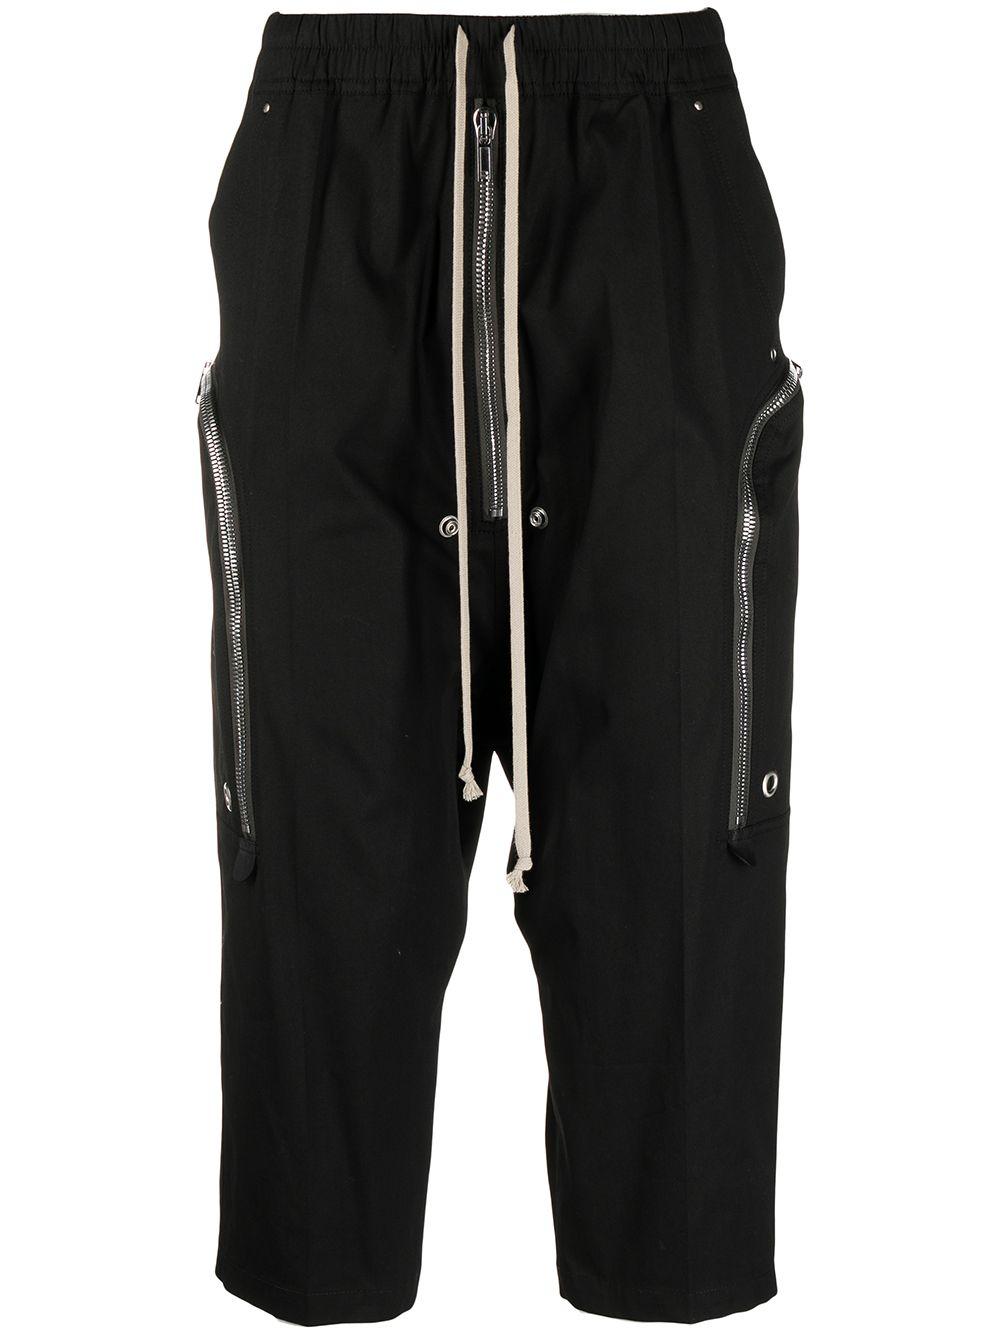 Pantaloni Bauhaus Bela Nero Uomo RICK OWENS   Pantaloni   RU21S6348 TE09